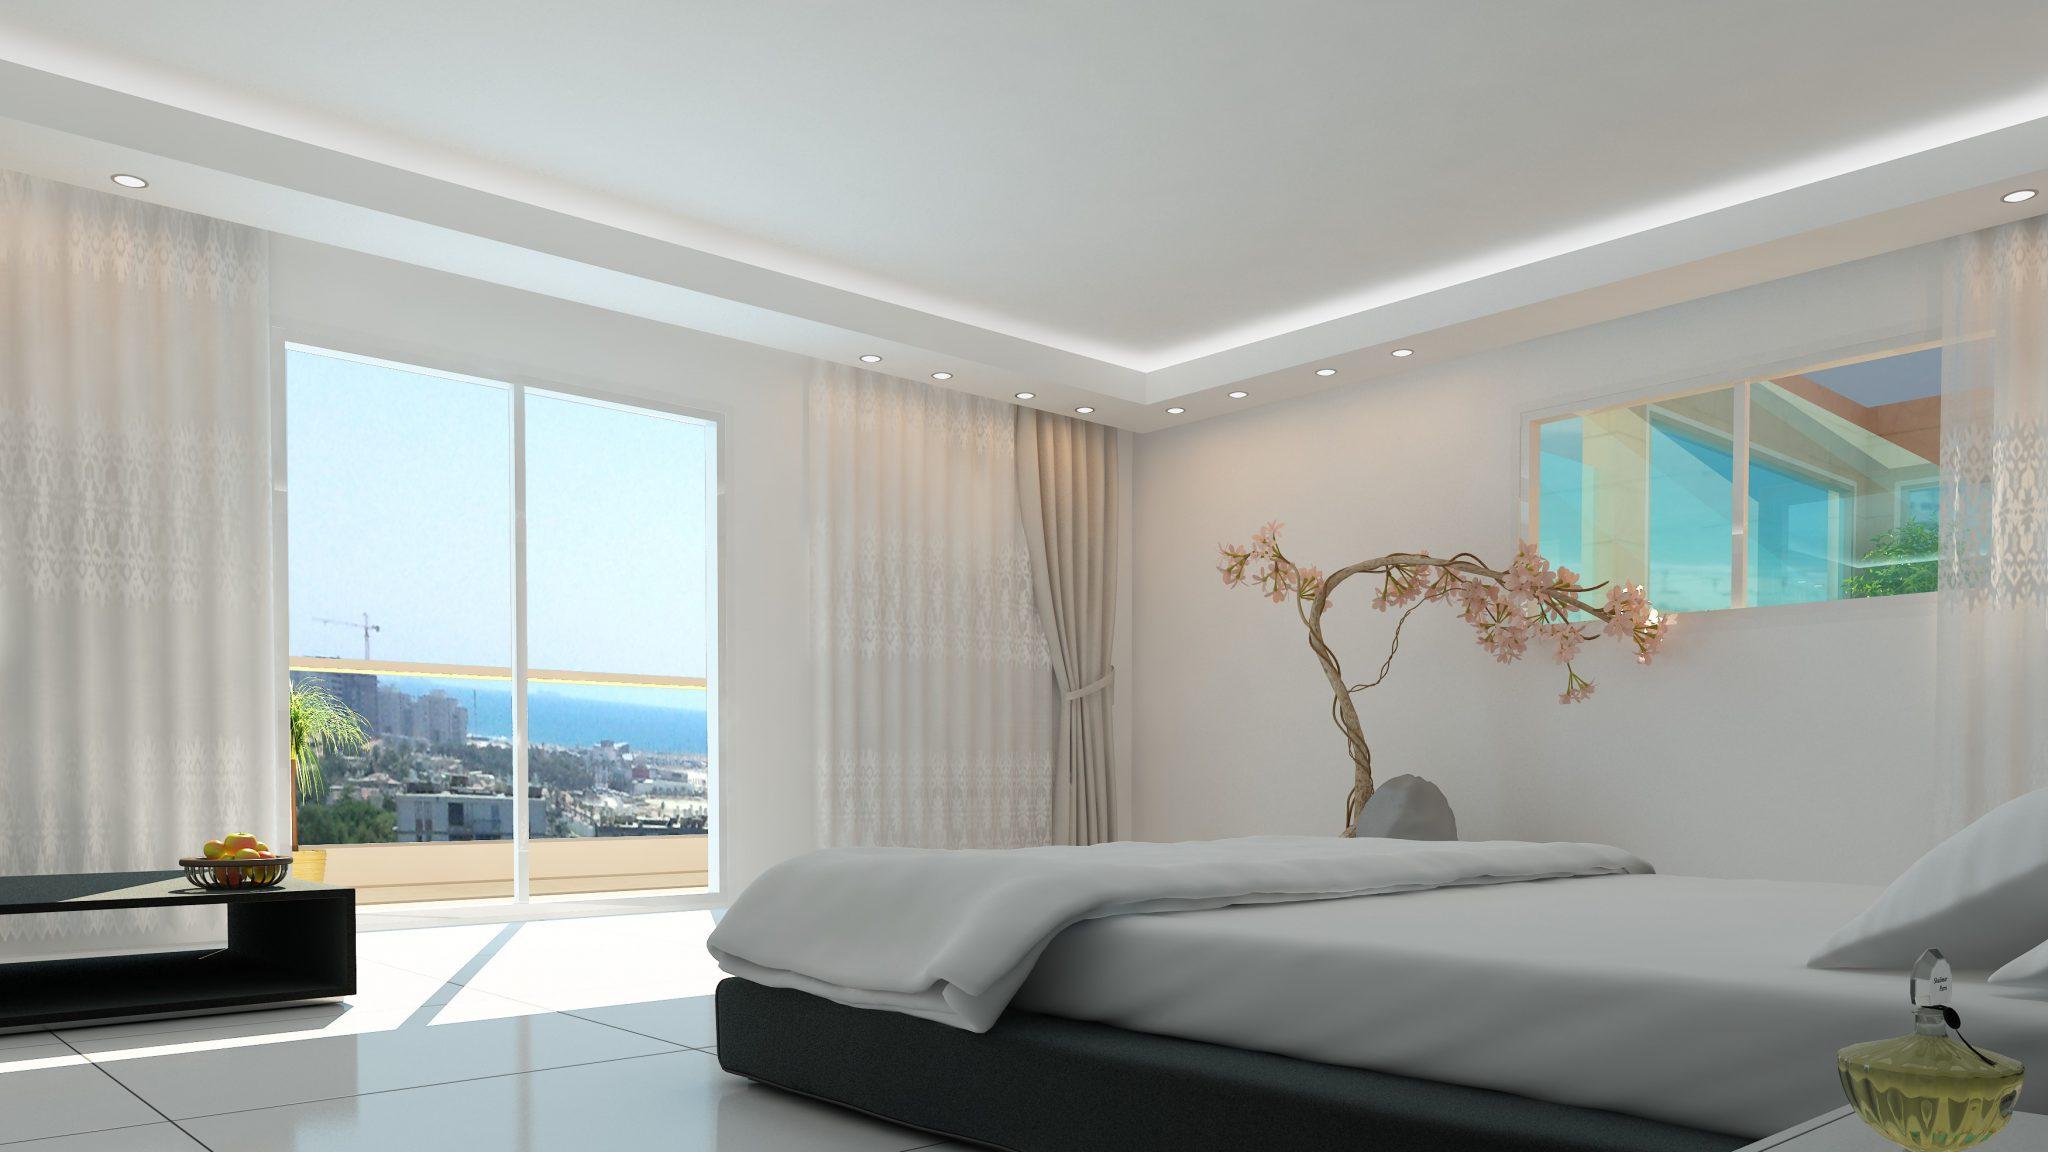 דירת 5 חדרים בפרויקט דירות חדש